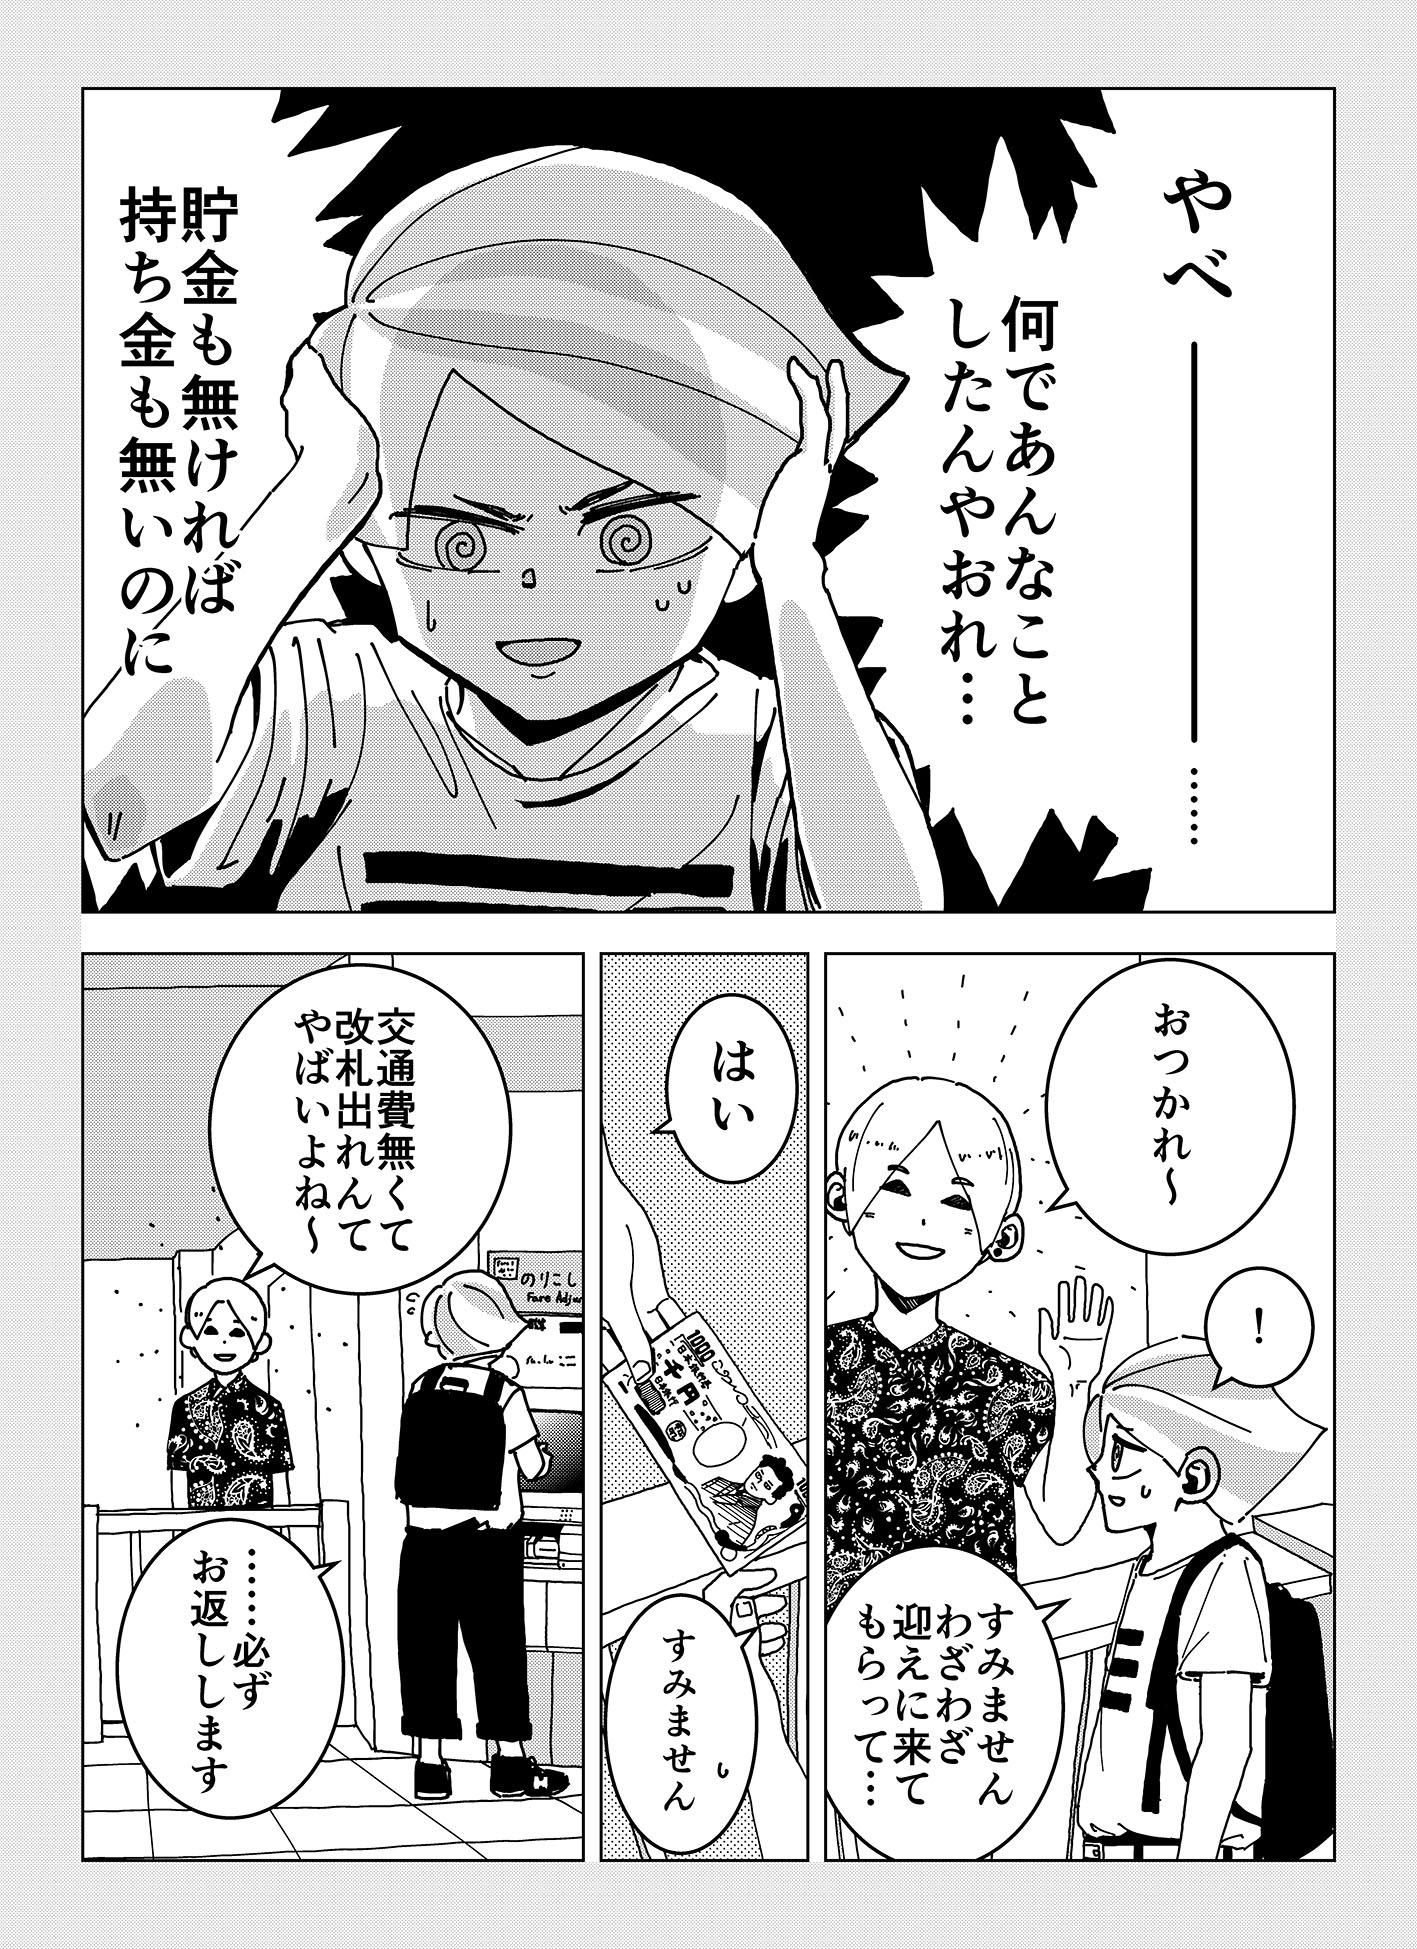 share_07_03